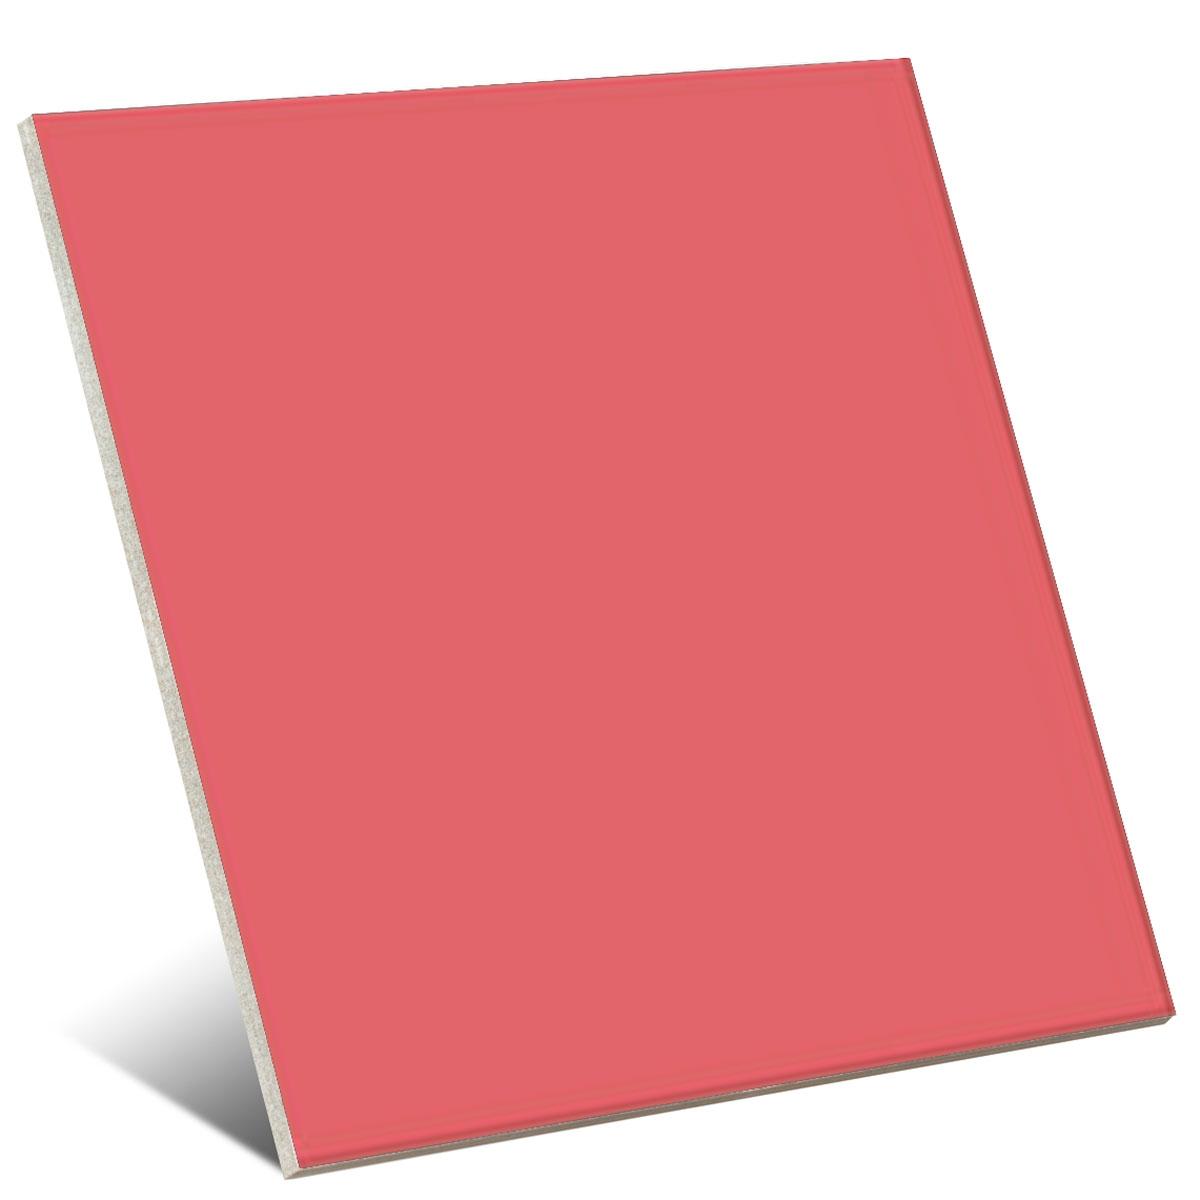 Color Rosso Brillo 20x20 cm (caja 1 m2)